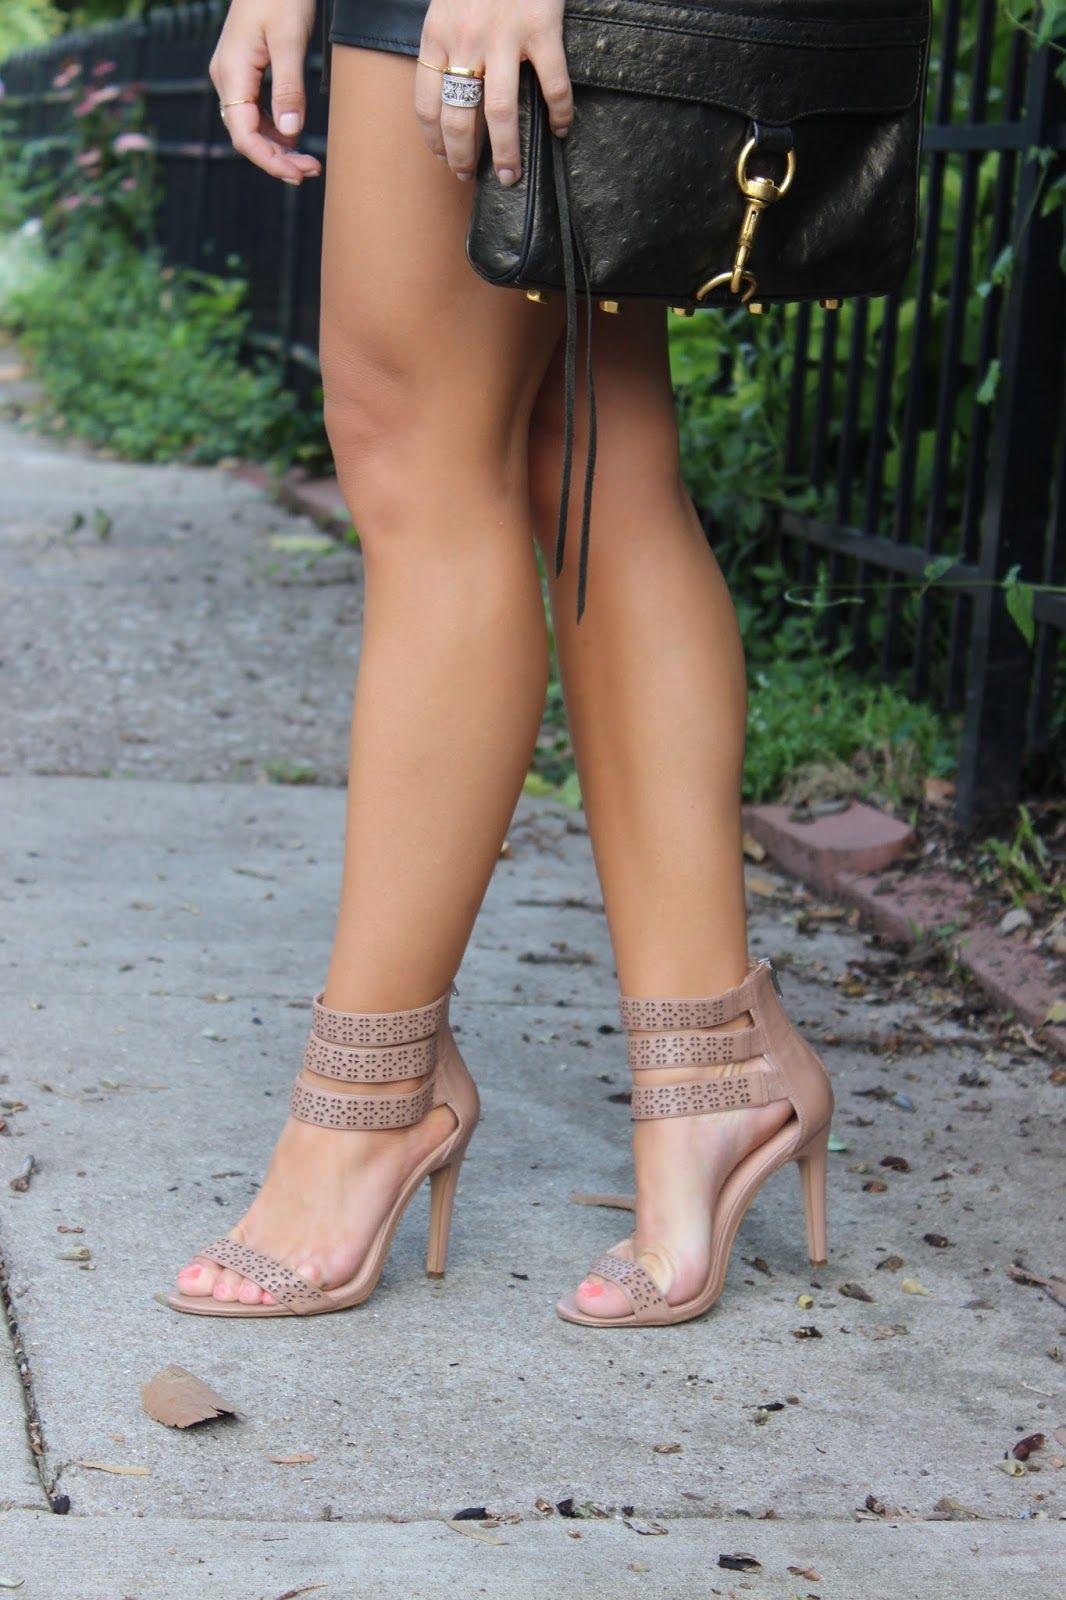 Women's Dansko Leather Shoes